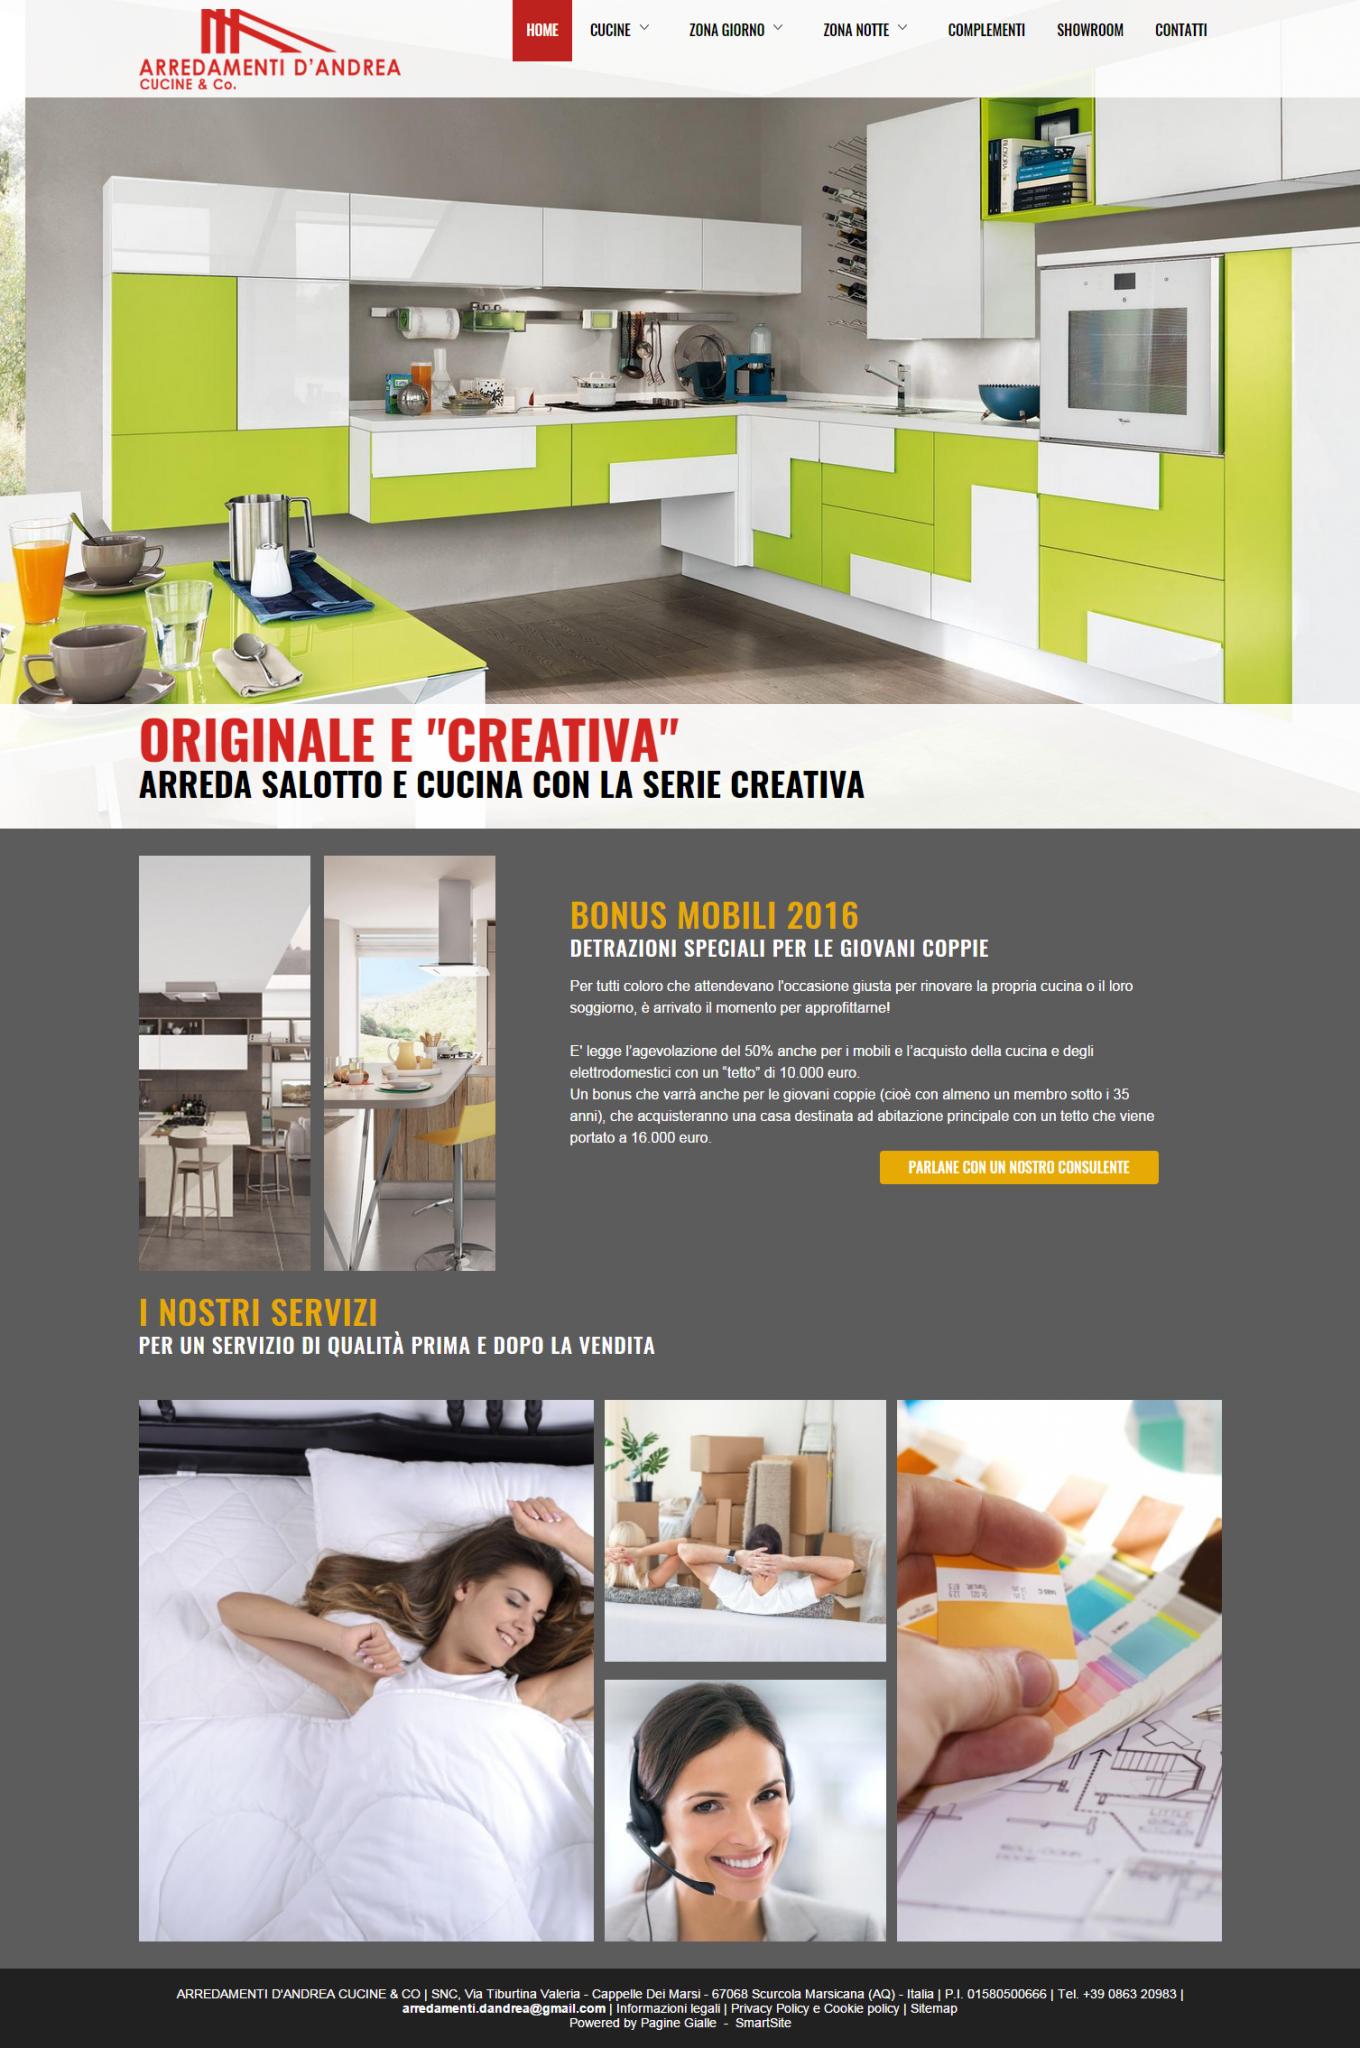 Arredamento mobili e cucine